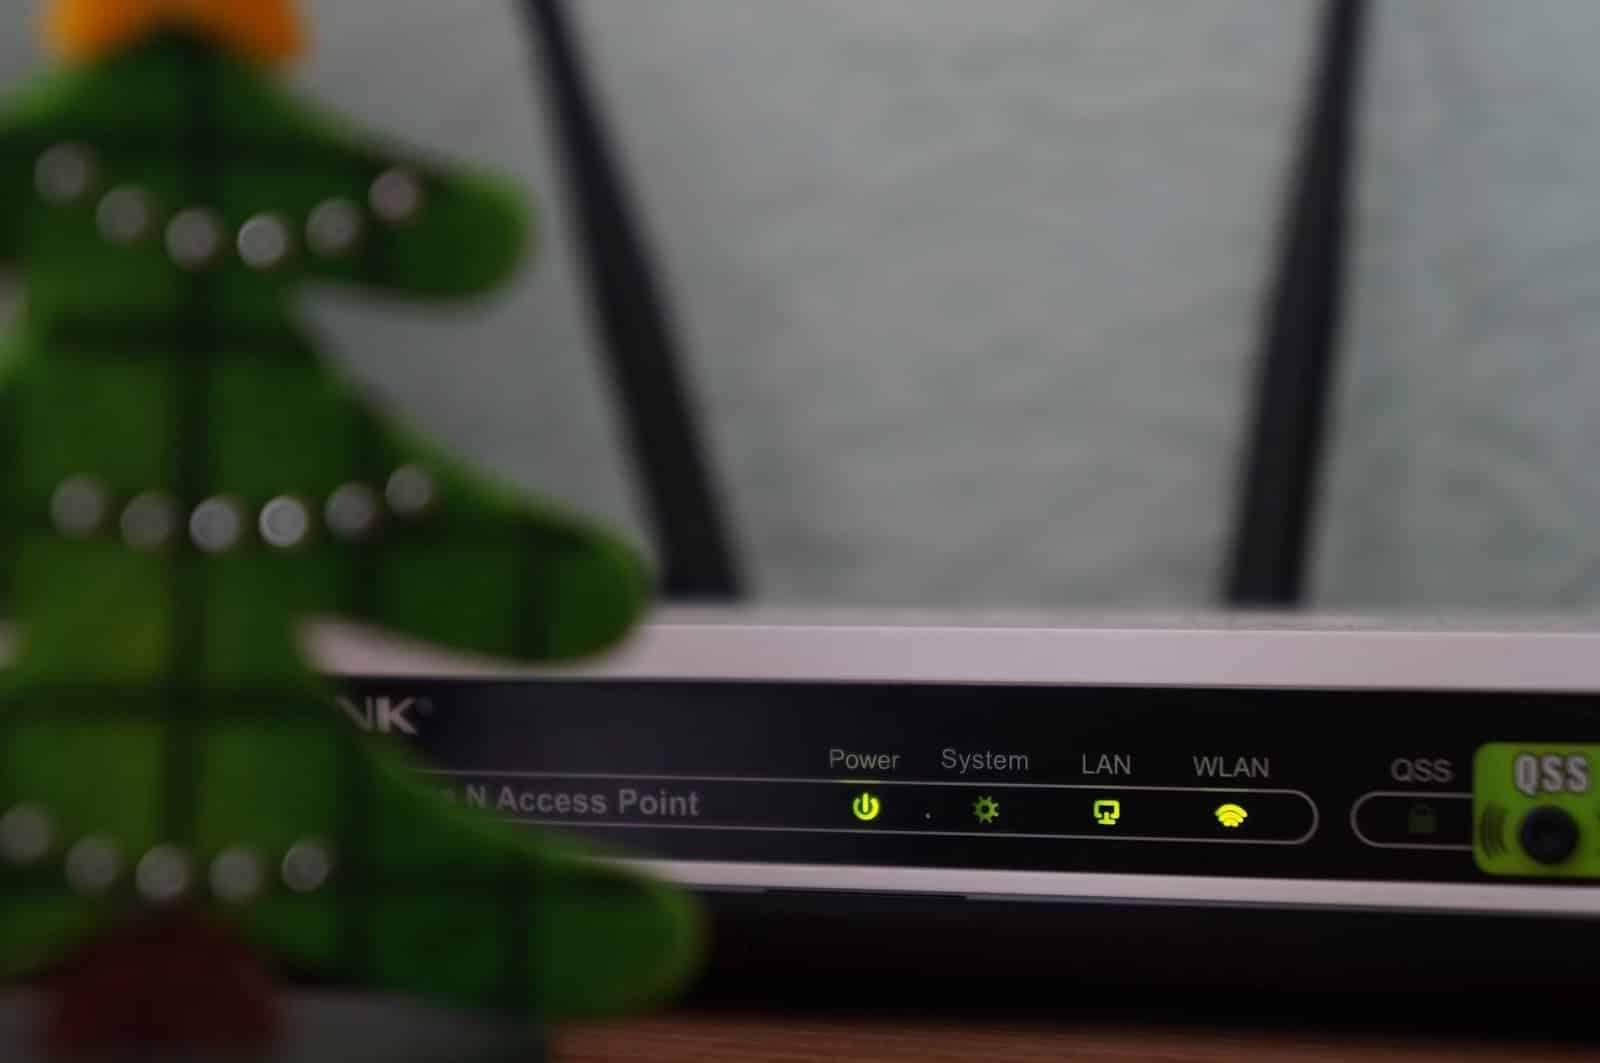 Temukan Cara Menyembunyikan Wifi Indihome Nokia paling mudah